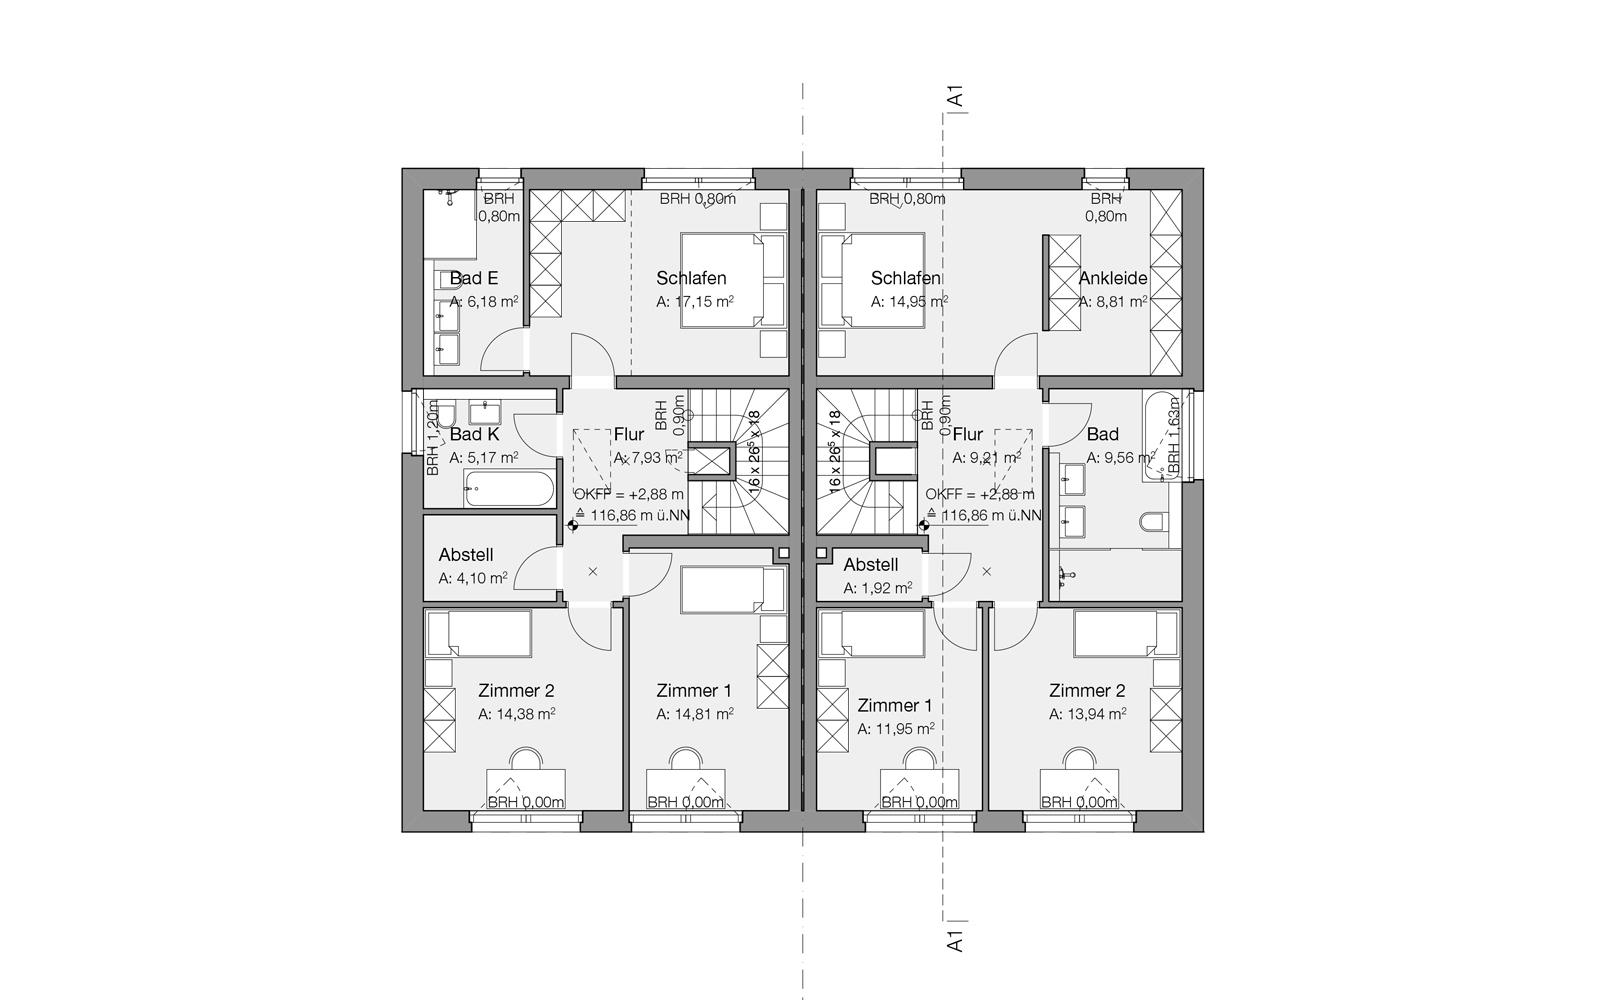 GGS_SteinwegClausArchitekten_Doppelhaus_Beckum_WDVS_00002_Obergeschoss